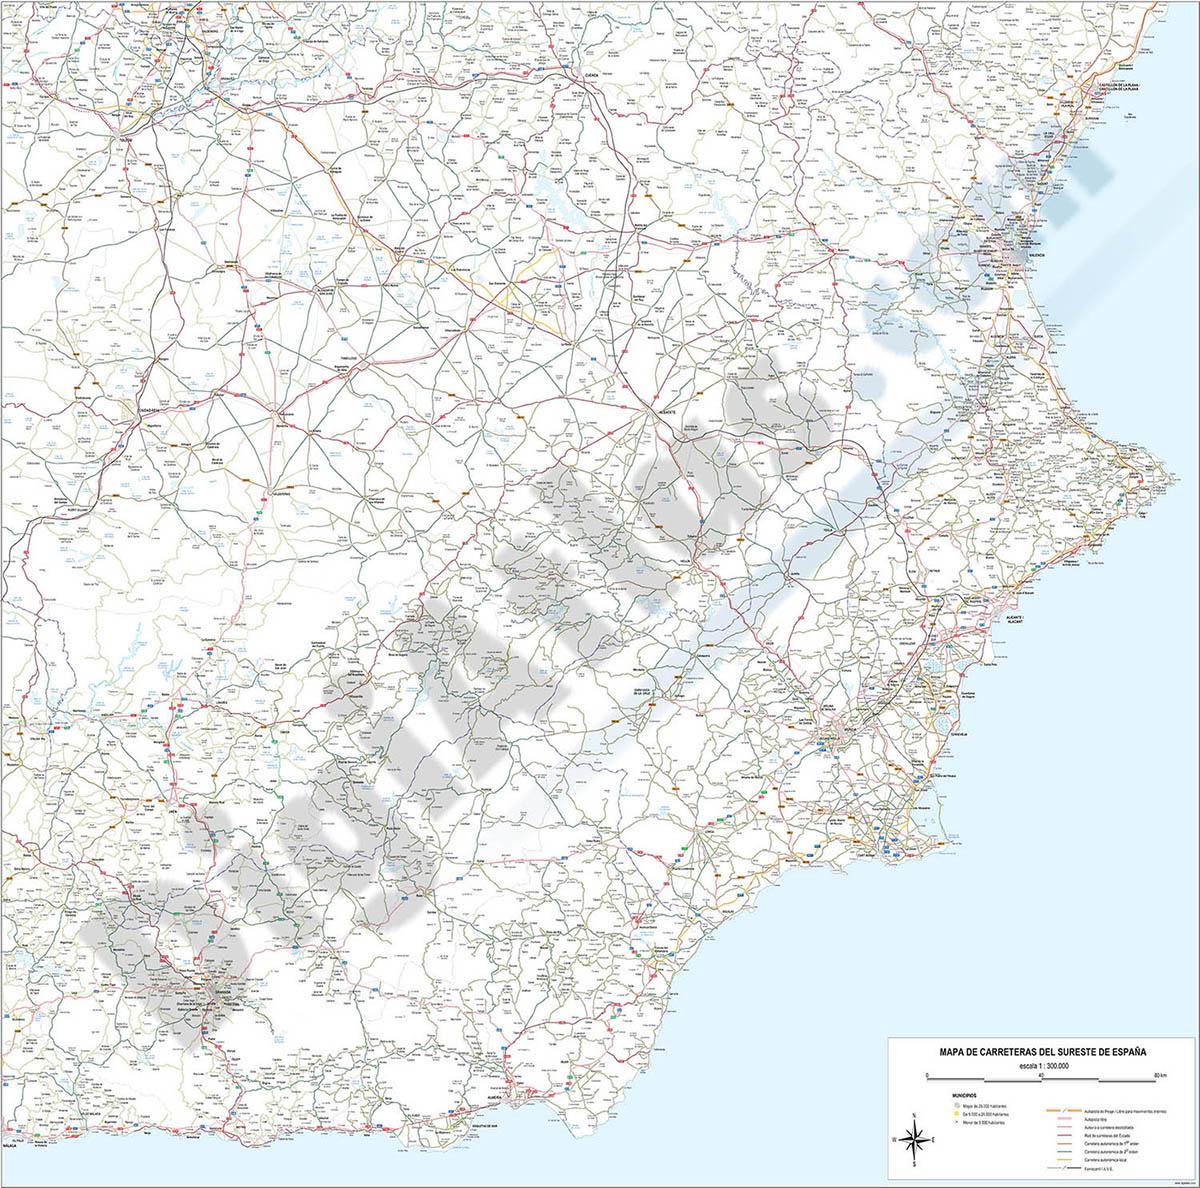 Mapa de carreteras y poblaciones del Sureste de España